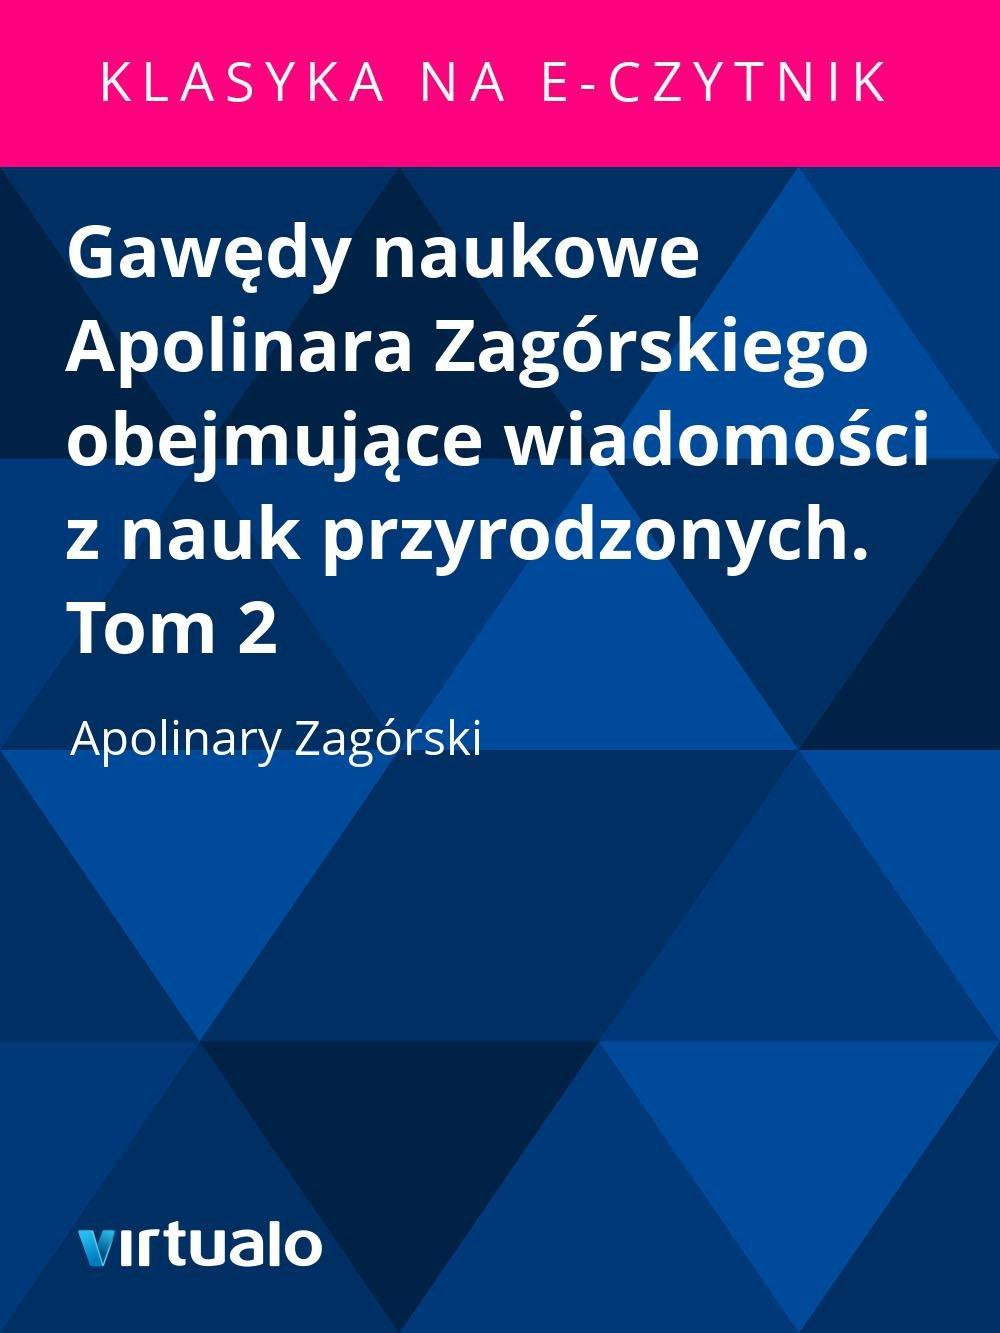 Gawędy naukowe Apolinara Zagórskiego obejmujące wiadomości z nauk przyrodzonych. Tom 2 - Ebook (Książka EPUB) do pobrania w formacie EPUB